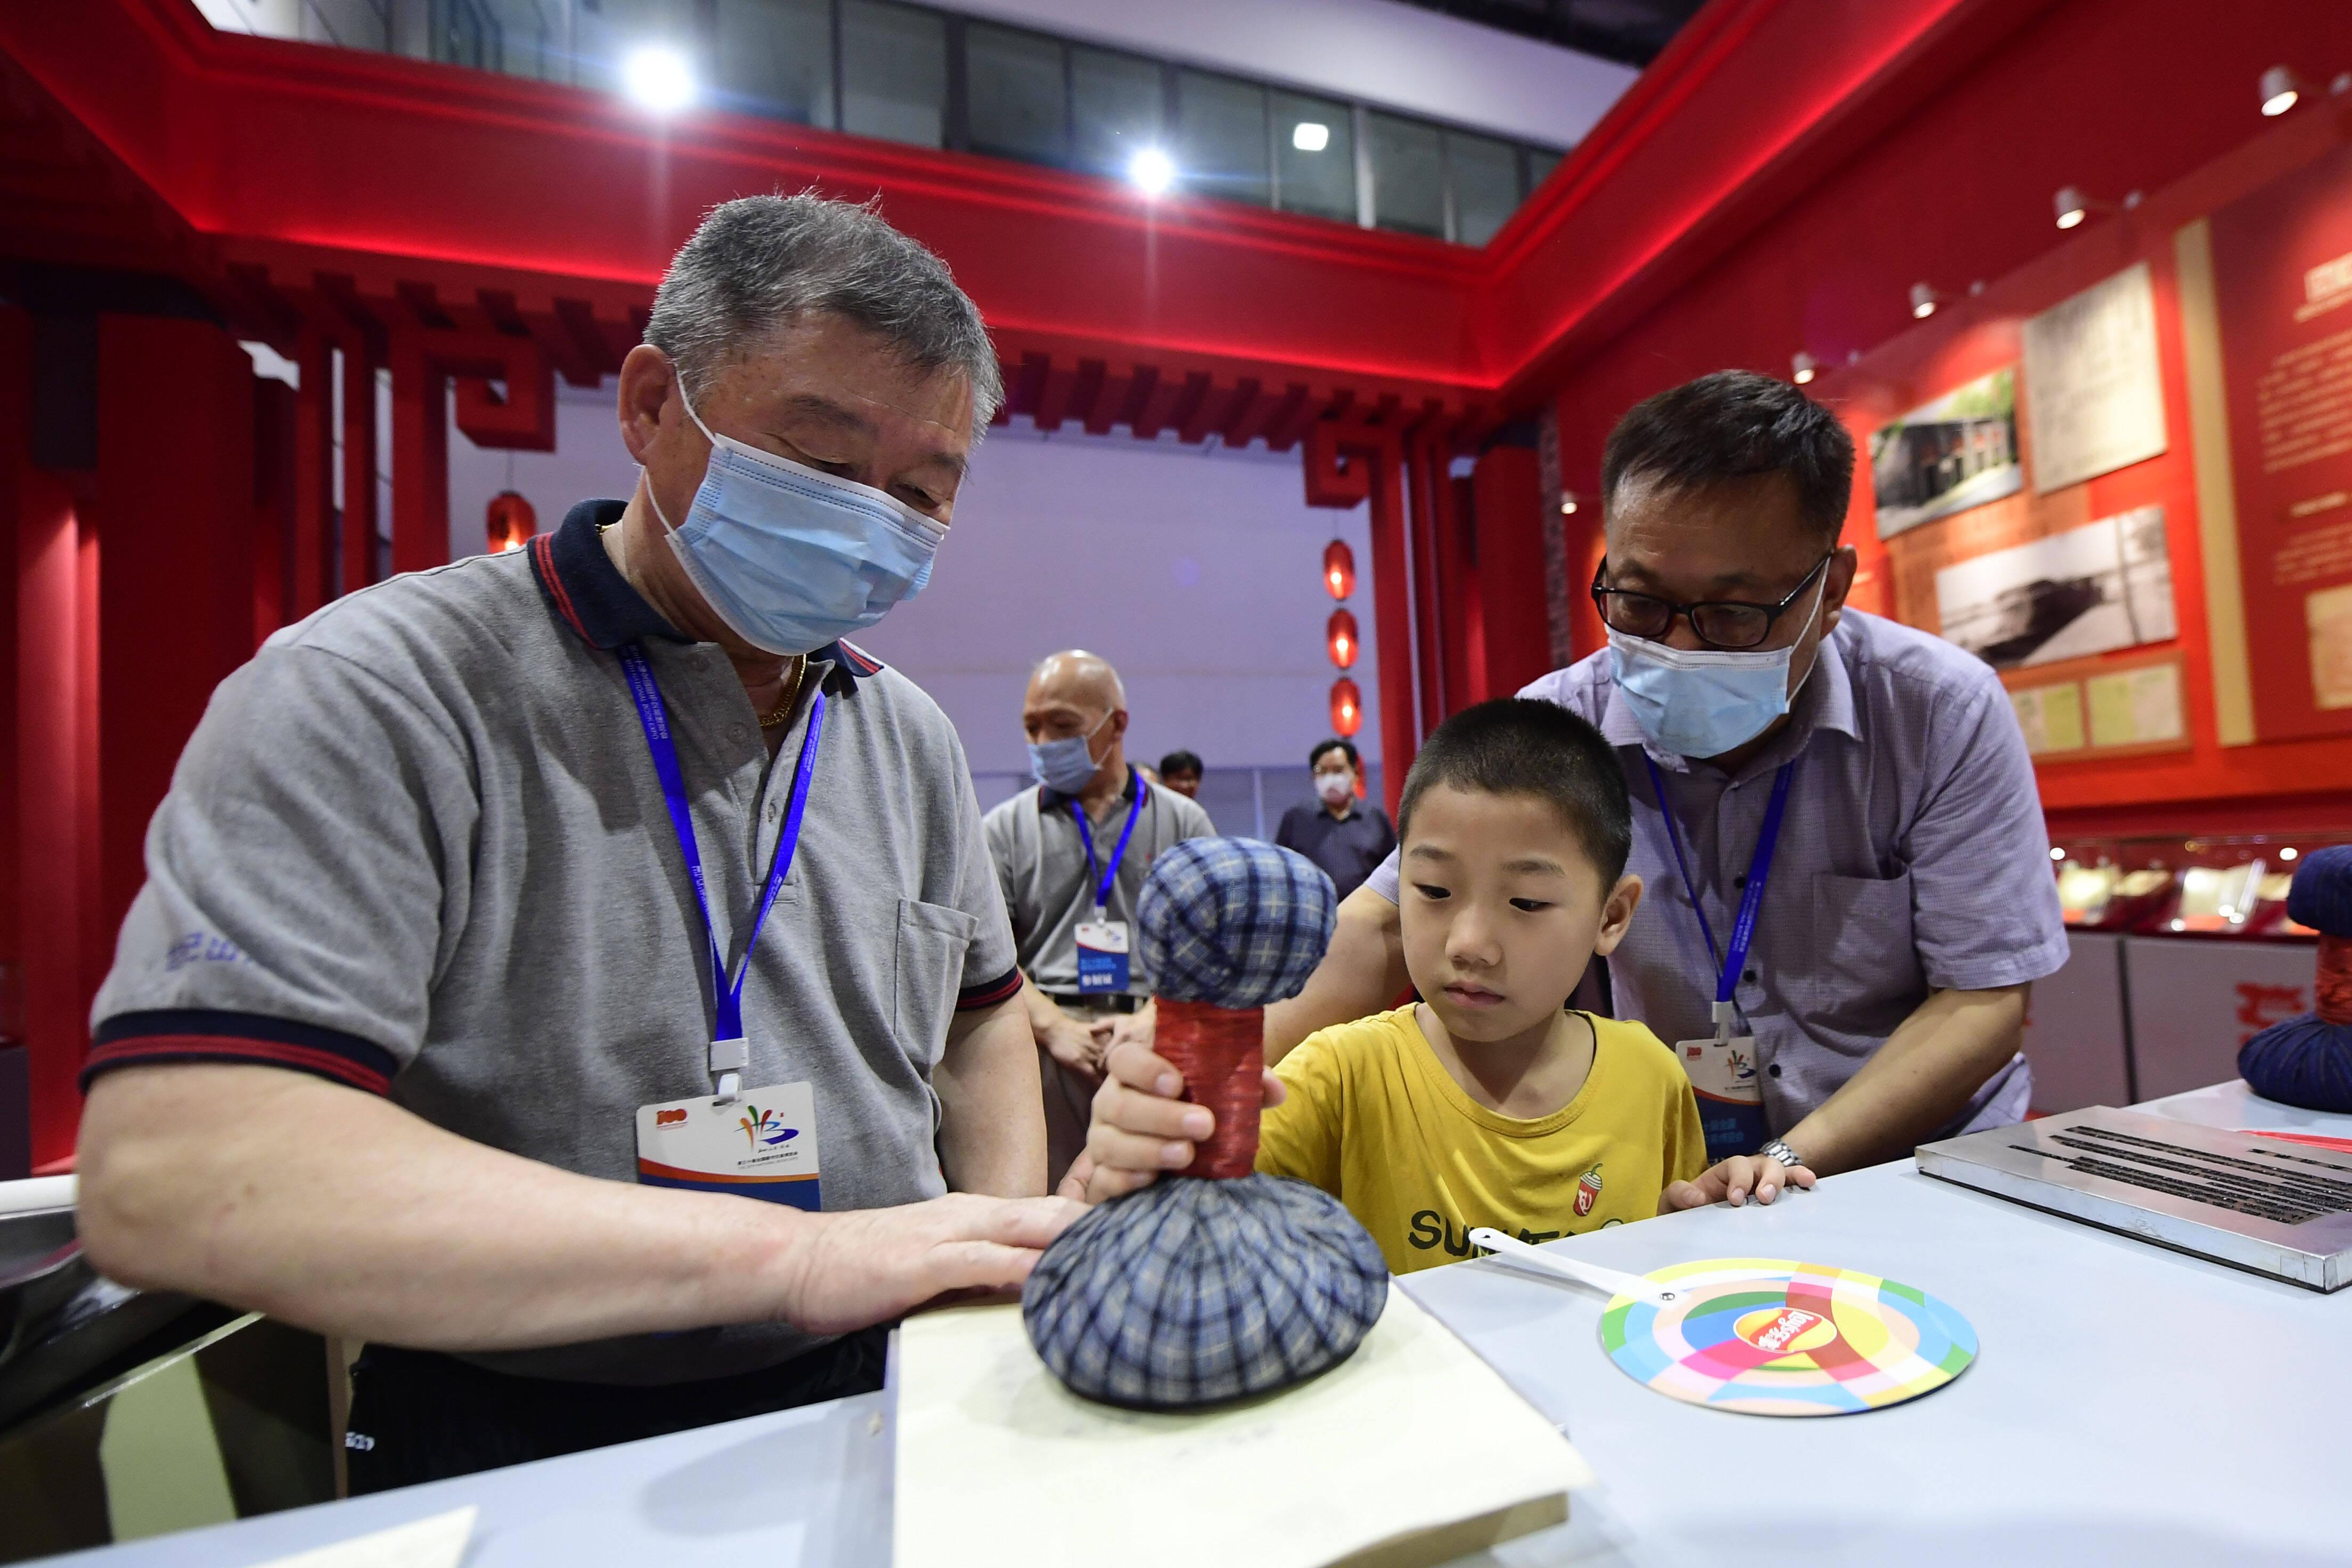 立体图书、传统印刷体验、3D打印……书博会不仅能看还能玩